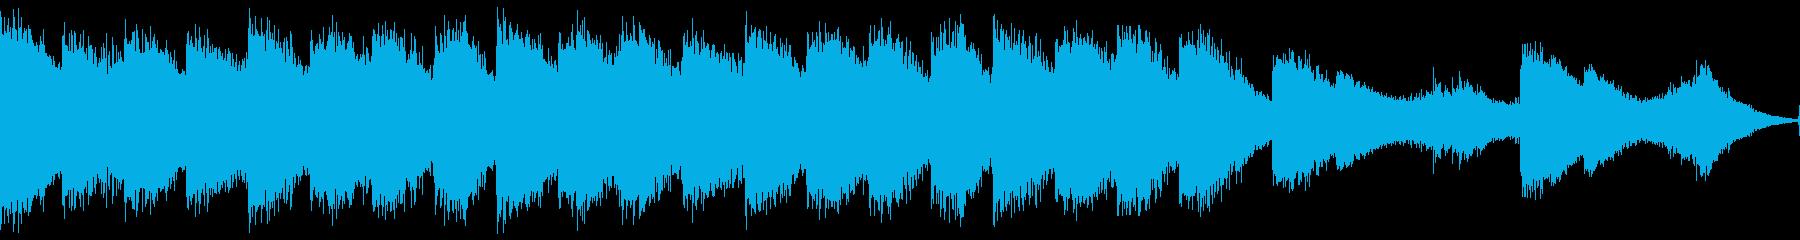 不気味な和風ホラーBGM・ループの再生済みの波形